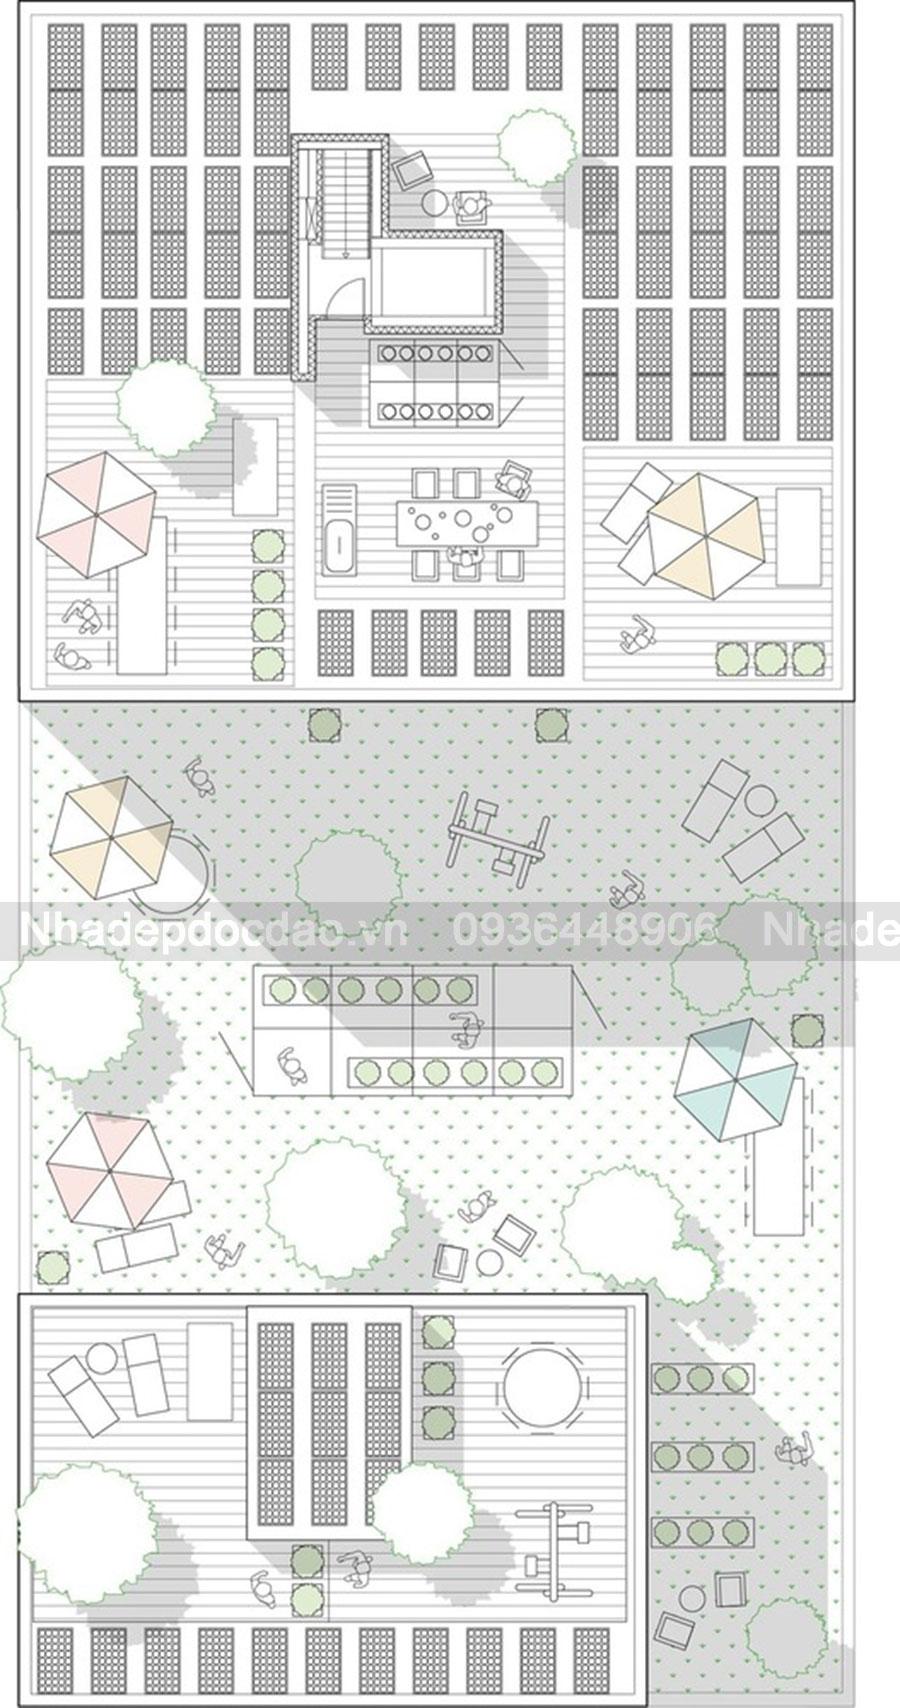 Thiết kế chung cư mini siêu cấp 10 tầng phong cách hiện đại